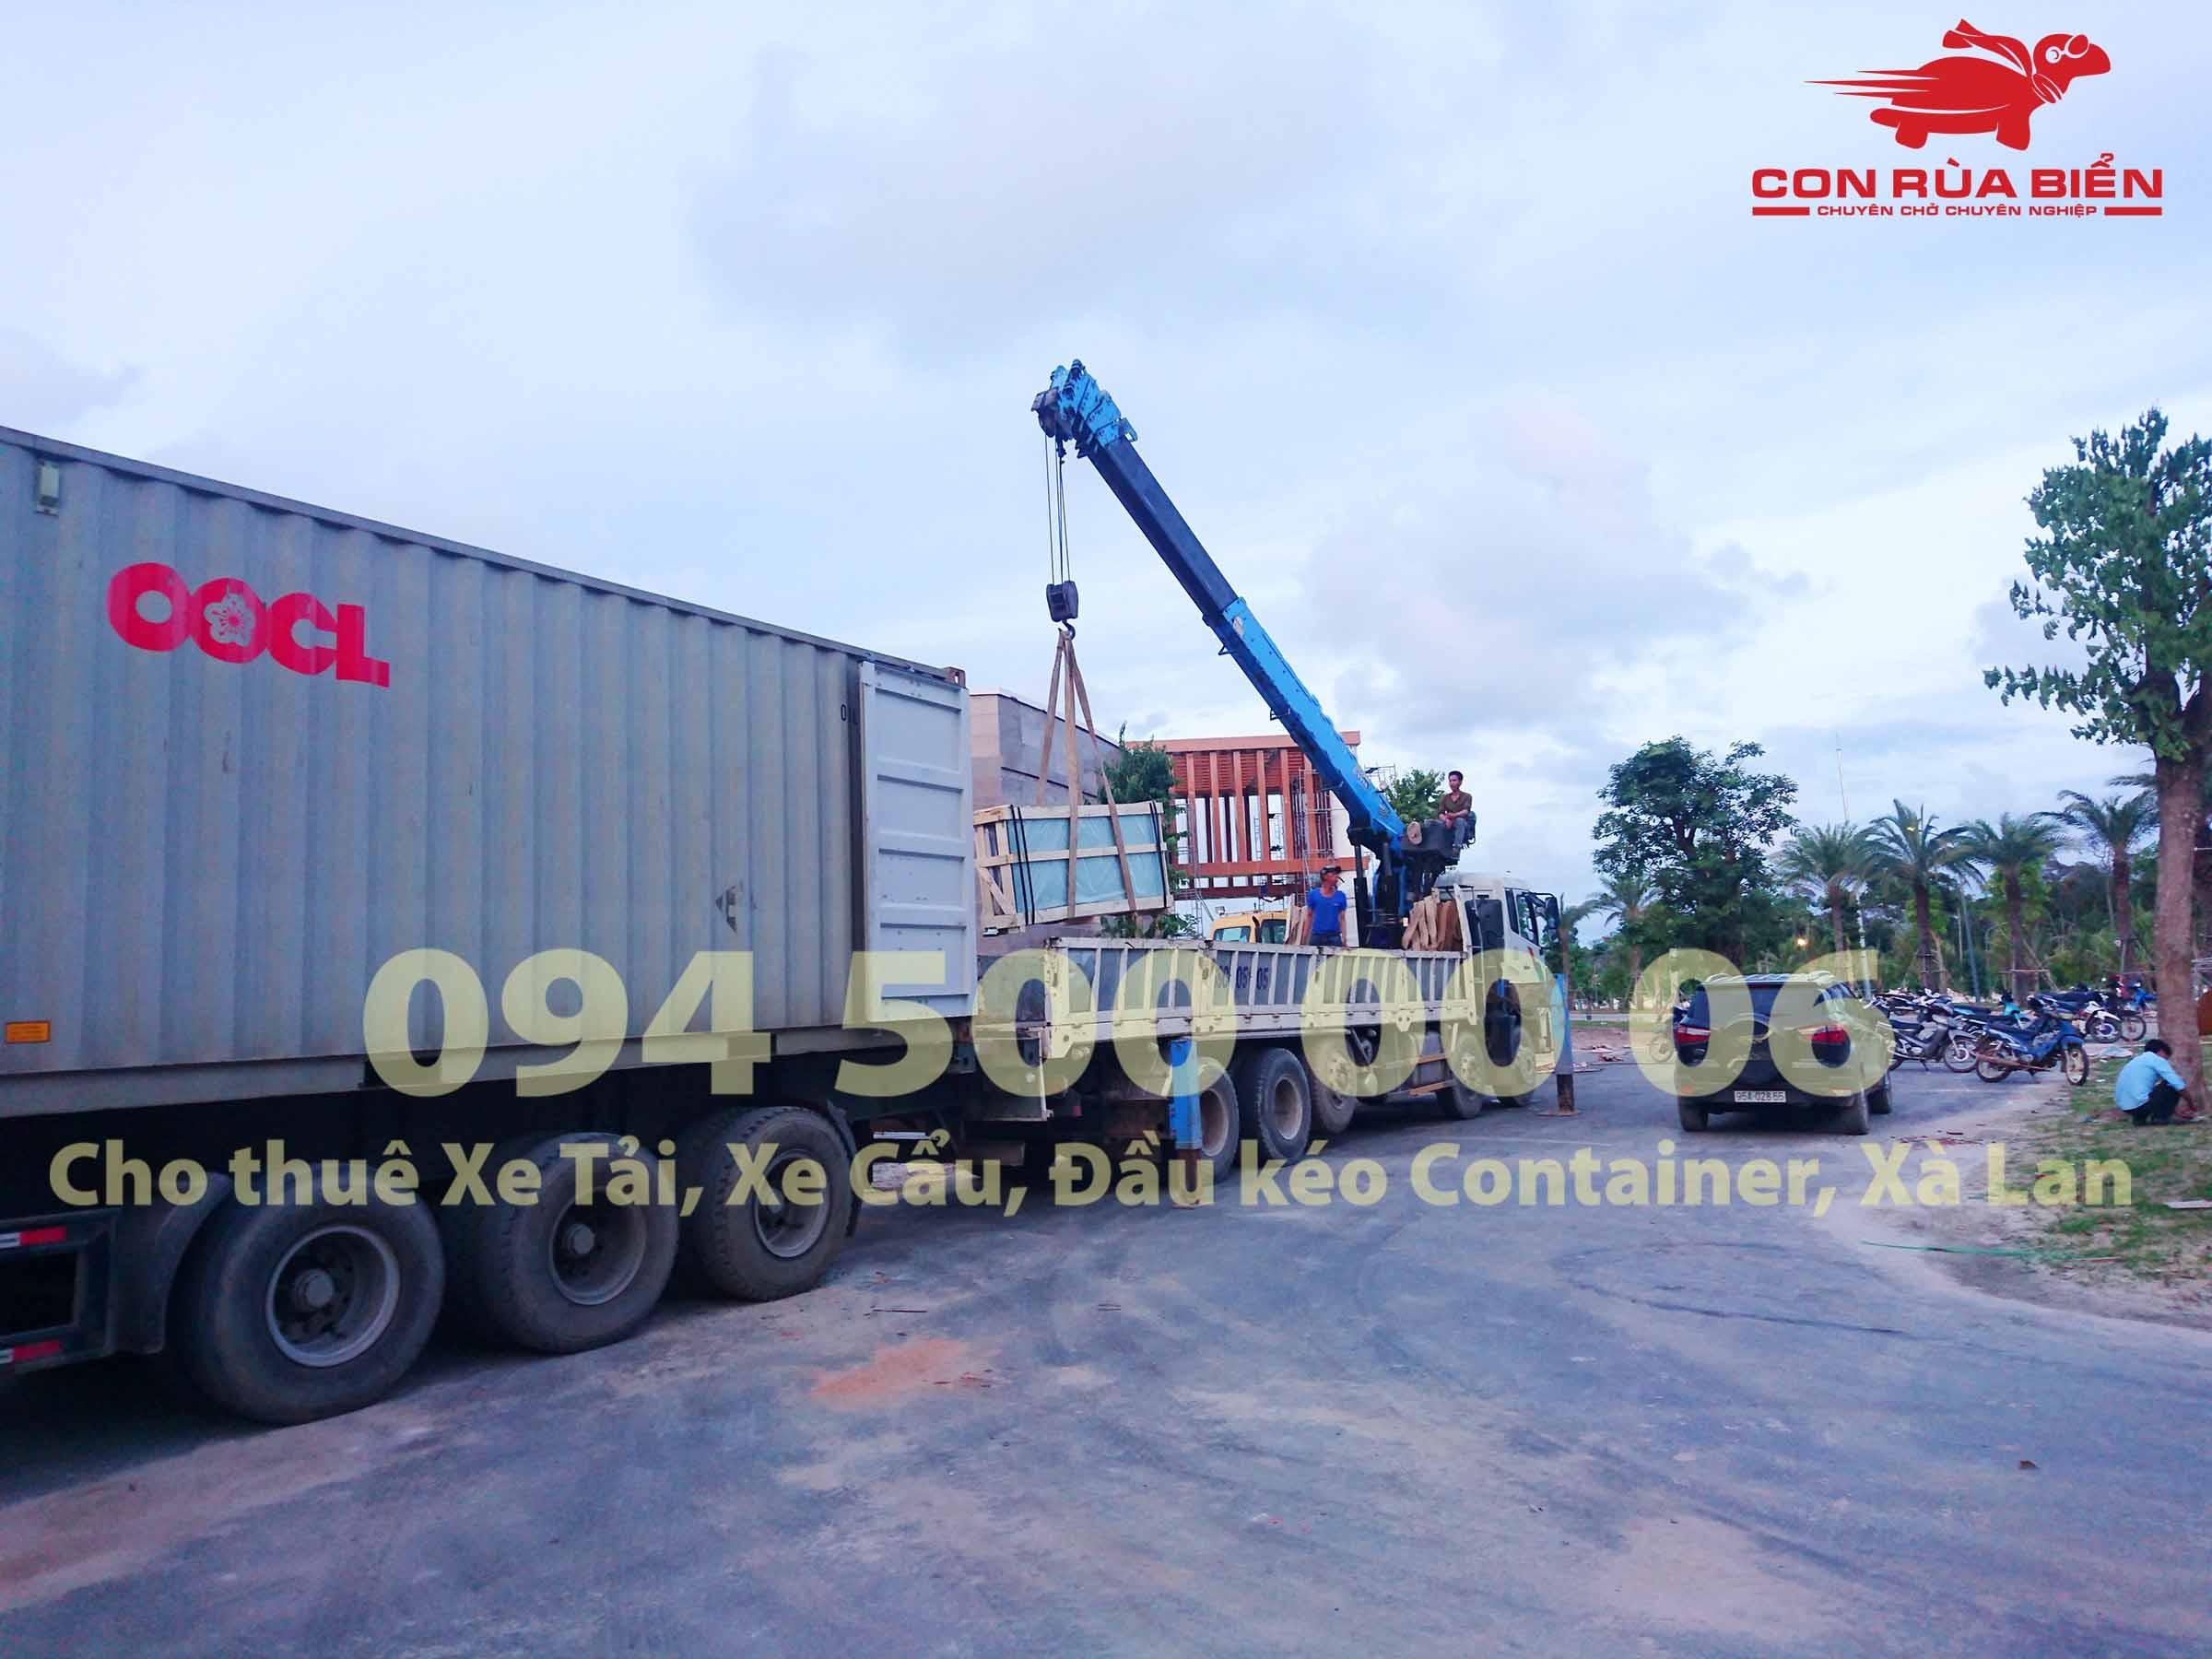 Con Rùa Biển là nhà xe vận chuyển 2 chiều Hà Nội - Đà Nẵng - Sài Gòn - Phú Quốc với dịch vụ Vận chuyển hàng hóa từ Hà Nội đi Phú Quốc   0945000006